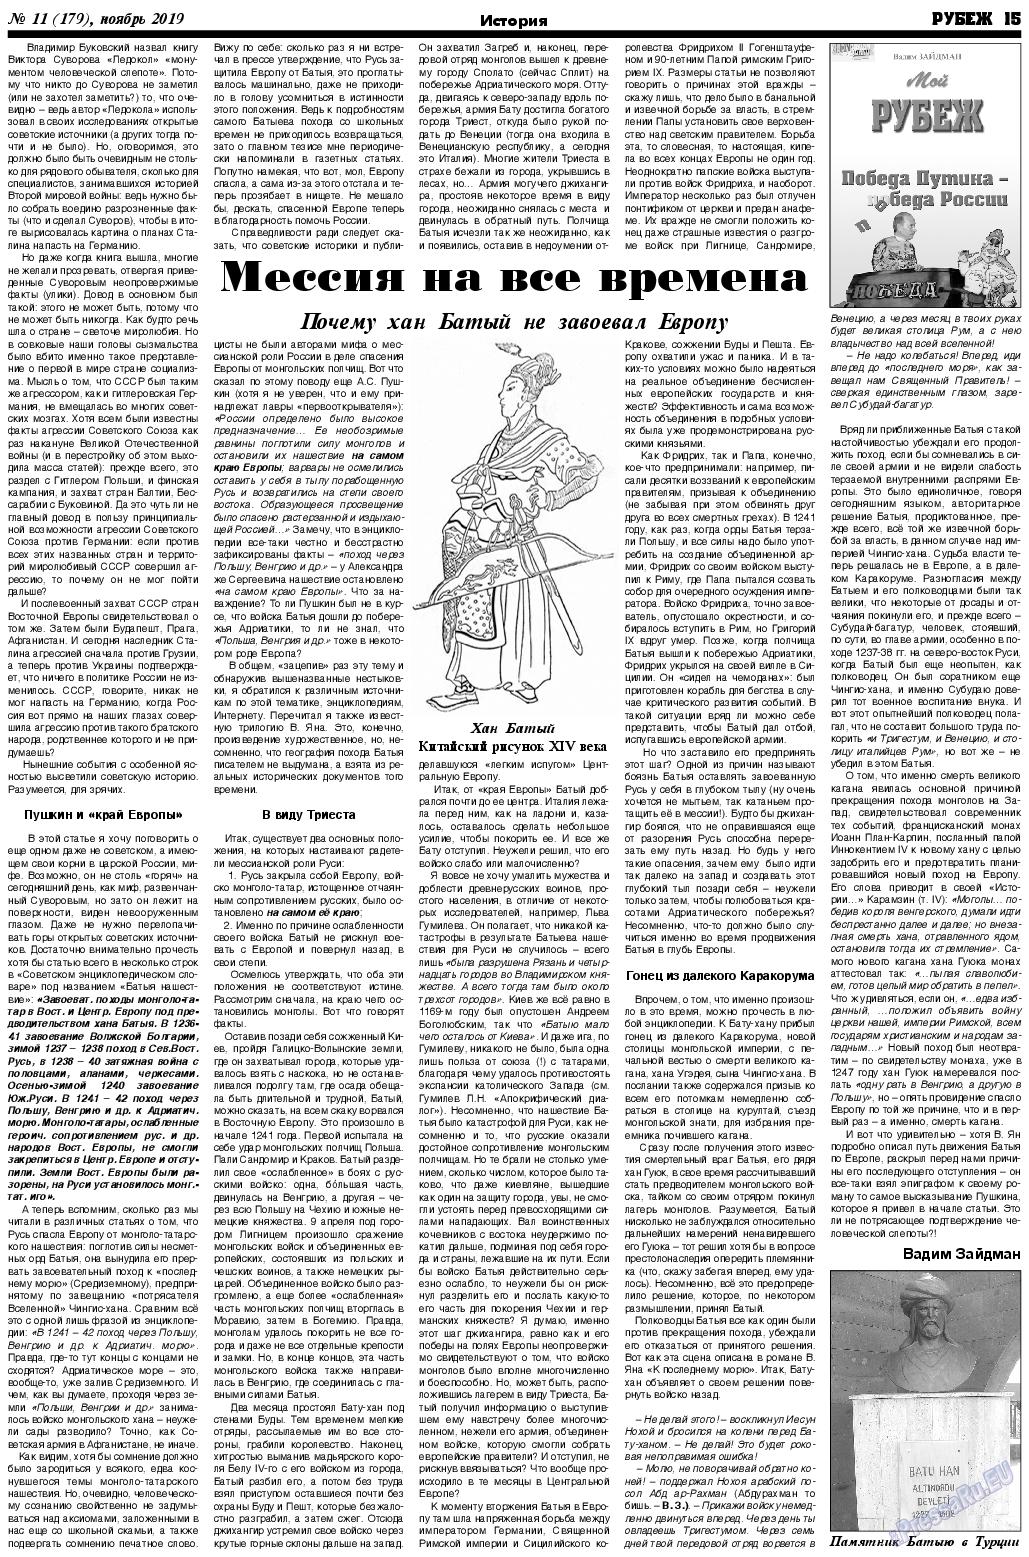 Рубеж (газета). 2019 год, номер 11, стр. 15